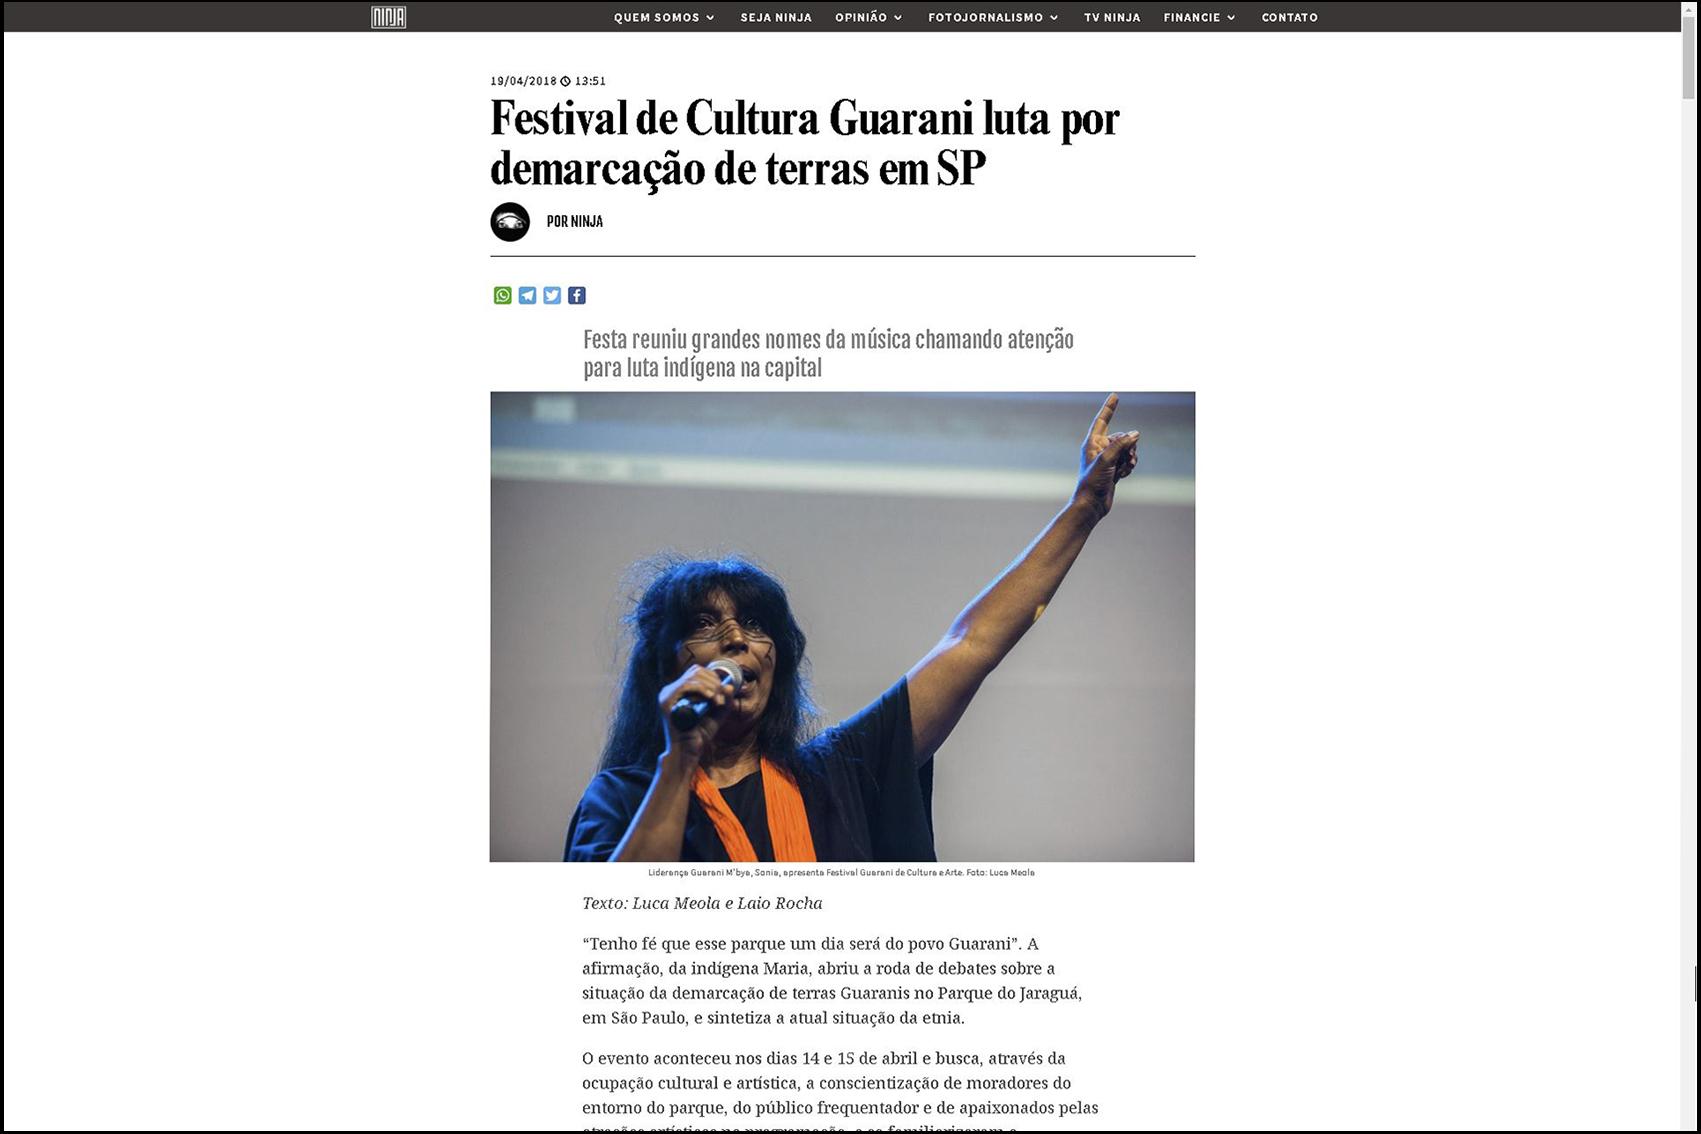 festival guarani.jpg